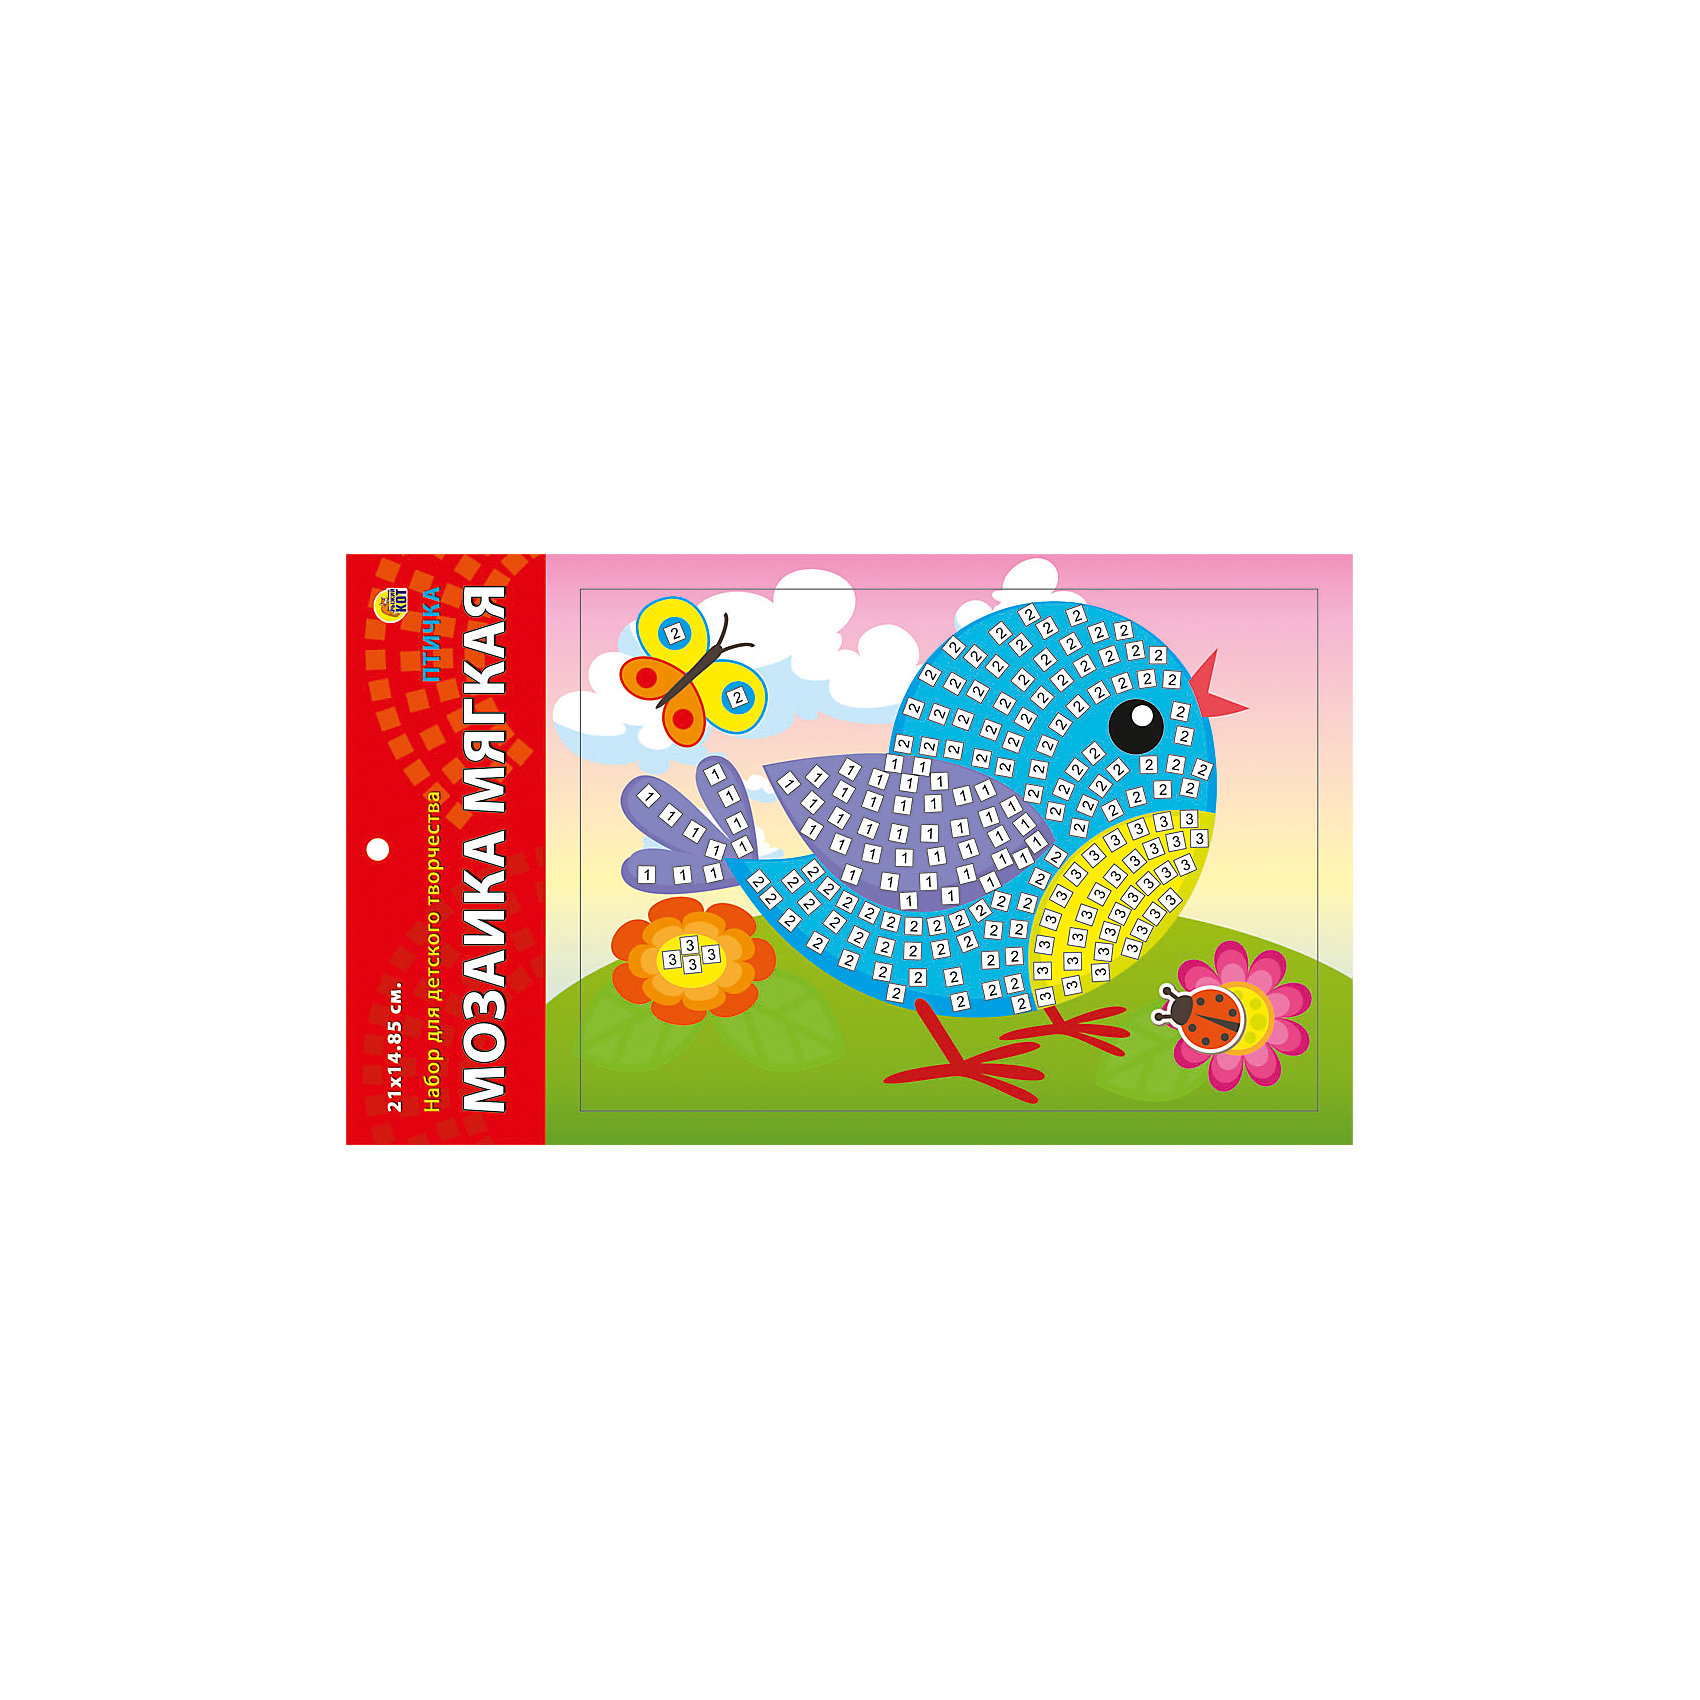 Издательство Рыжий кот Мягкая мозаика Птичка формат А5 (21х15 см) издательство рыжий кот мягкая мозаика веселый самолет формат а5 21х15 см